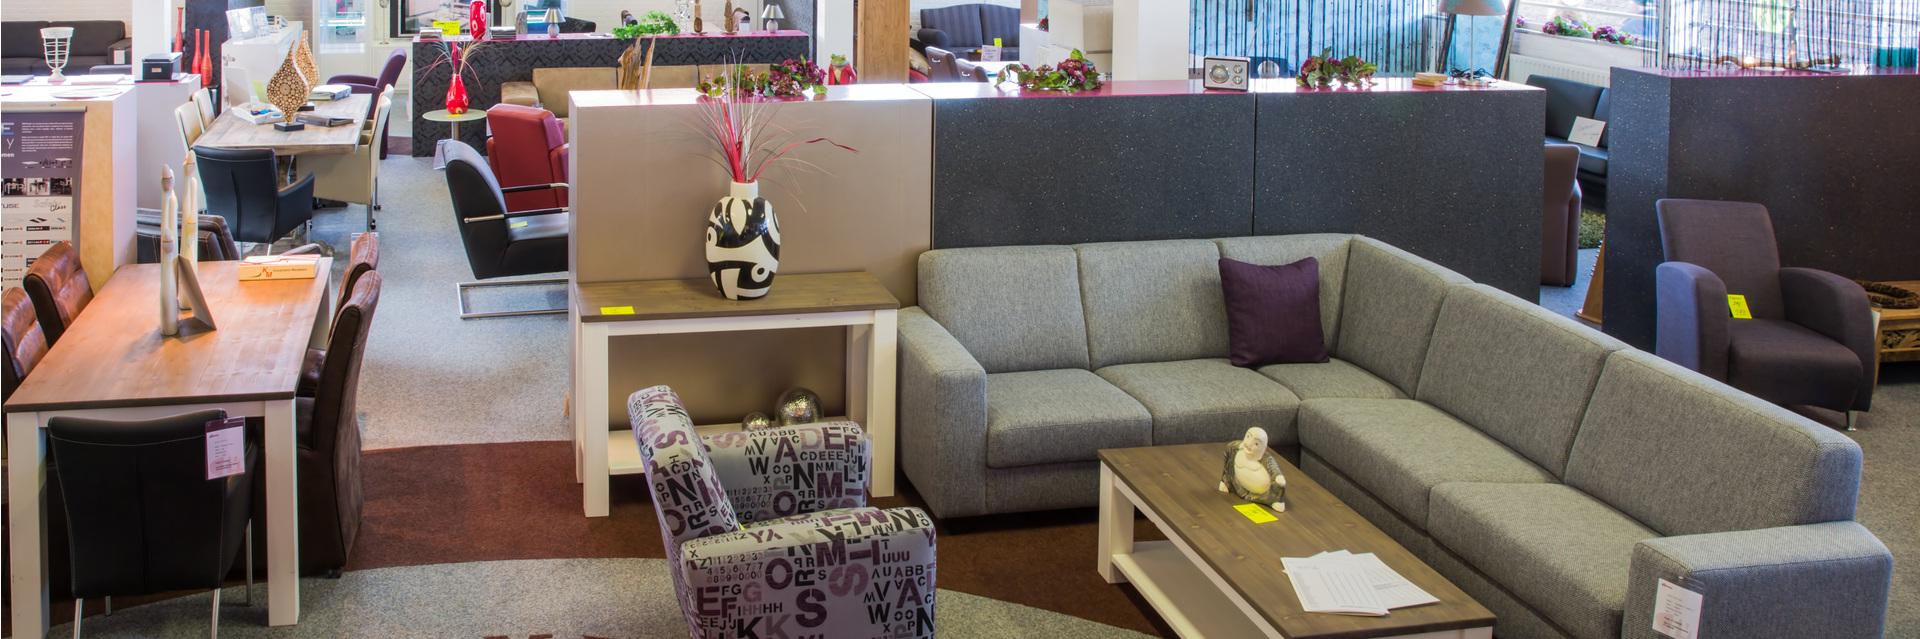 m bel betten matratzen standorte und adressen von filialen in deutschland. Black Bedroom Furniture Sets. Home Design Ideas